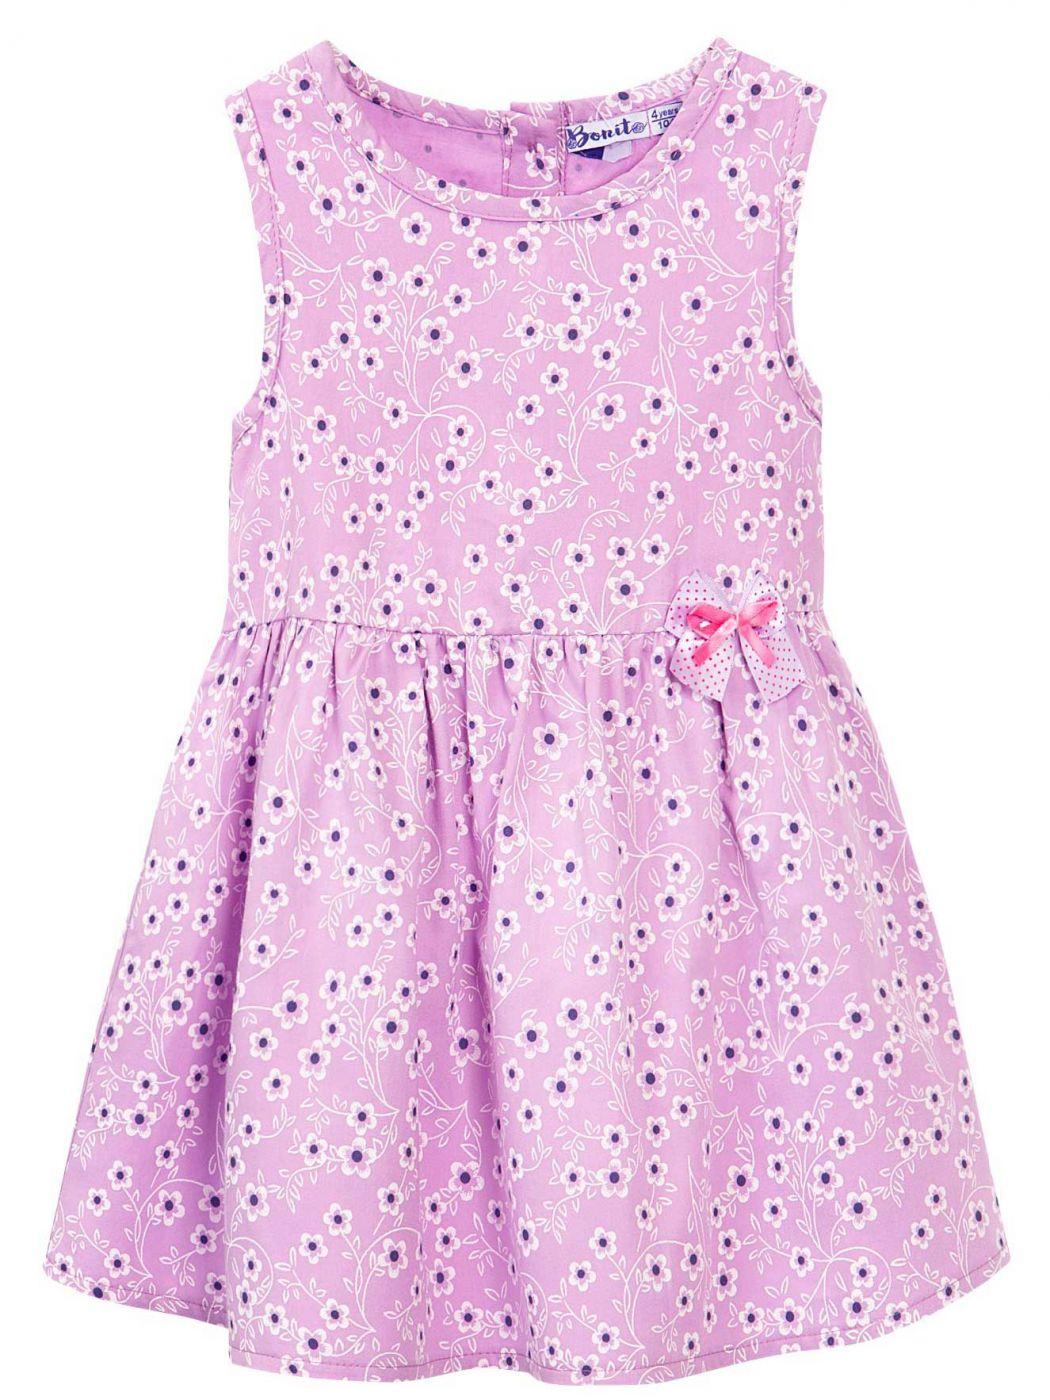 Сатиновое платье на девочки Bonito сиреневое в цветочек